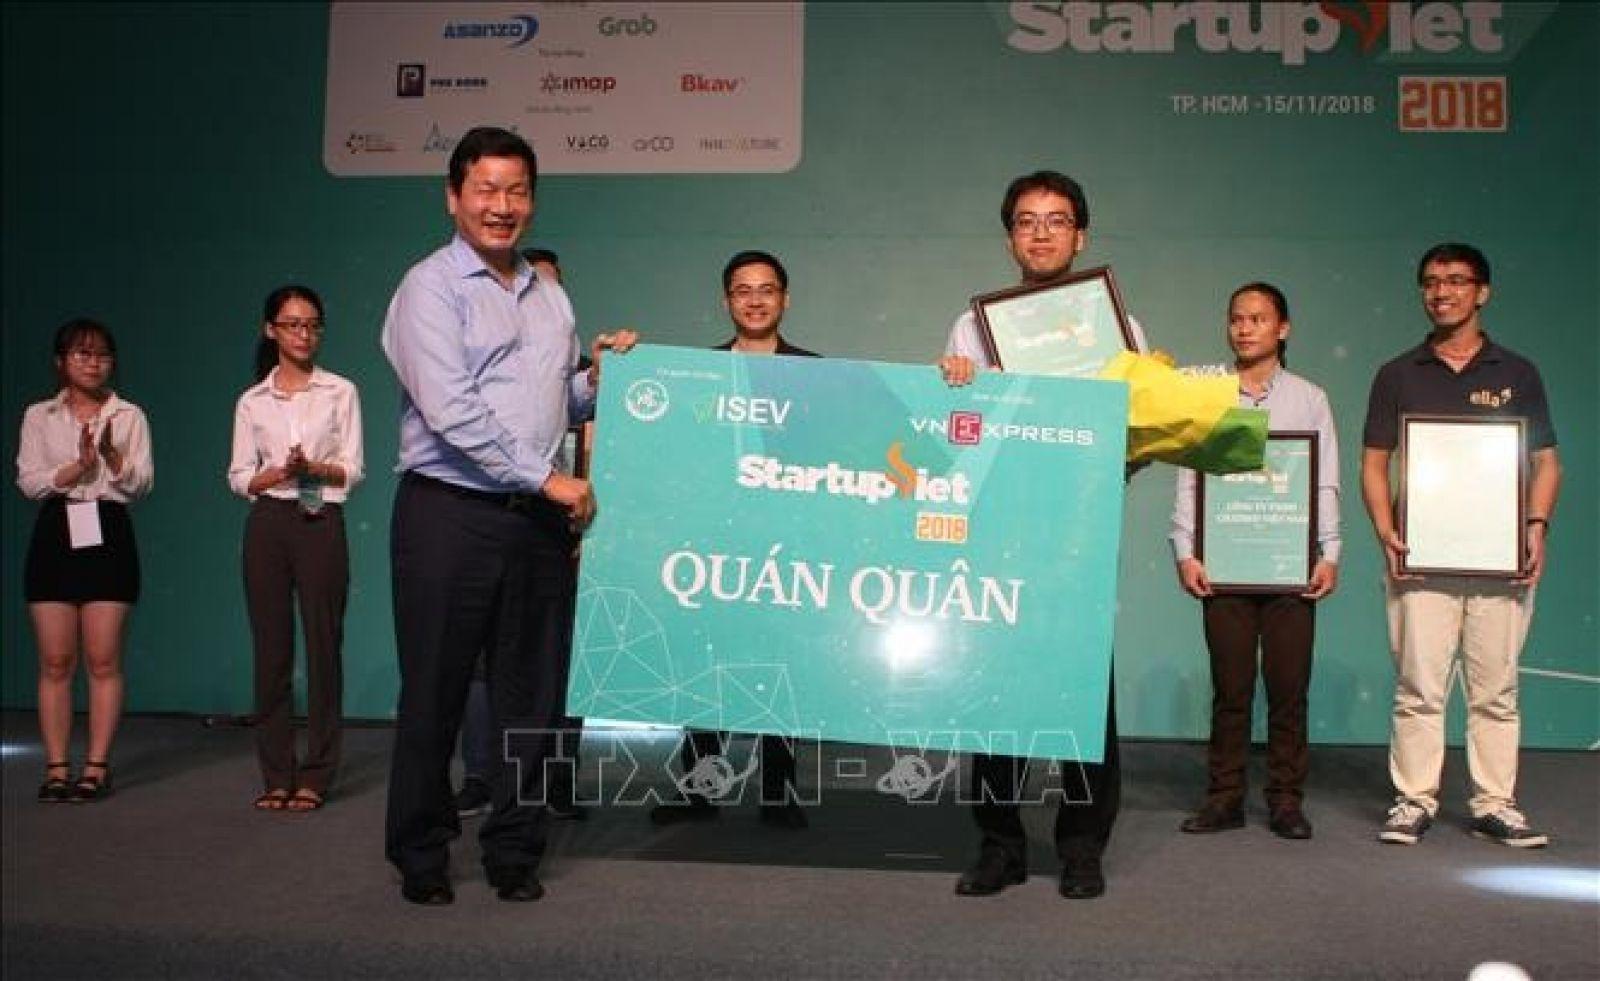 Lễ vinh danh Startup Việt năm 2018 do Báo điện tử VnExpress tổ chức. (Ảnh: VnExpress)